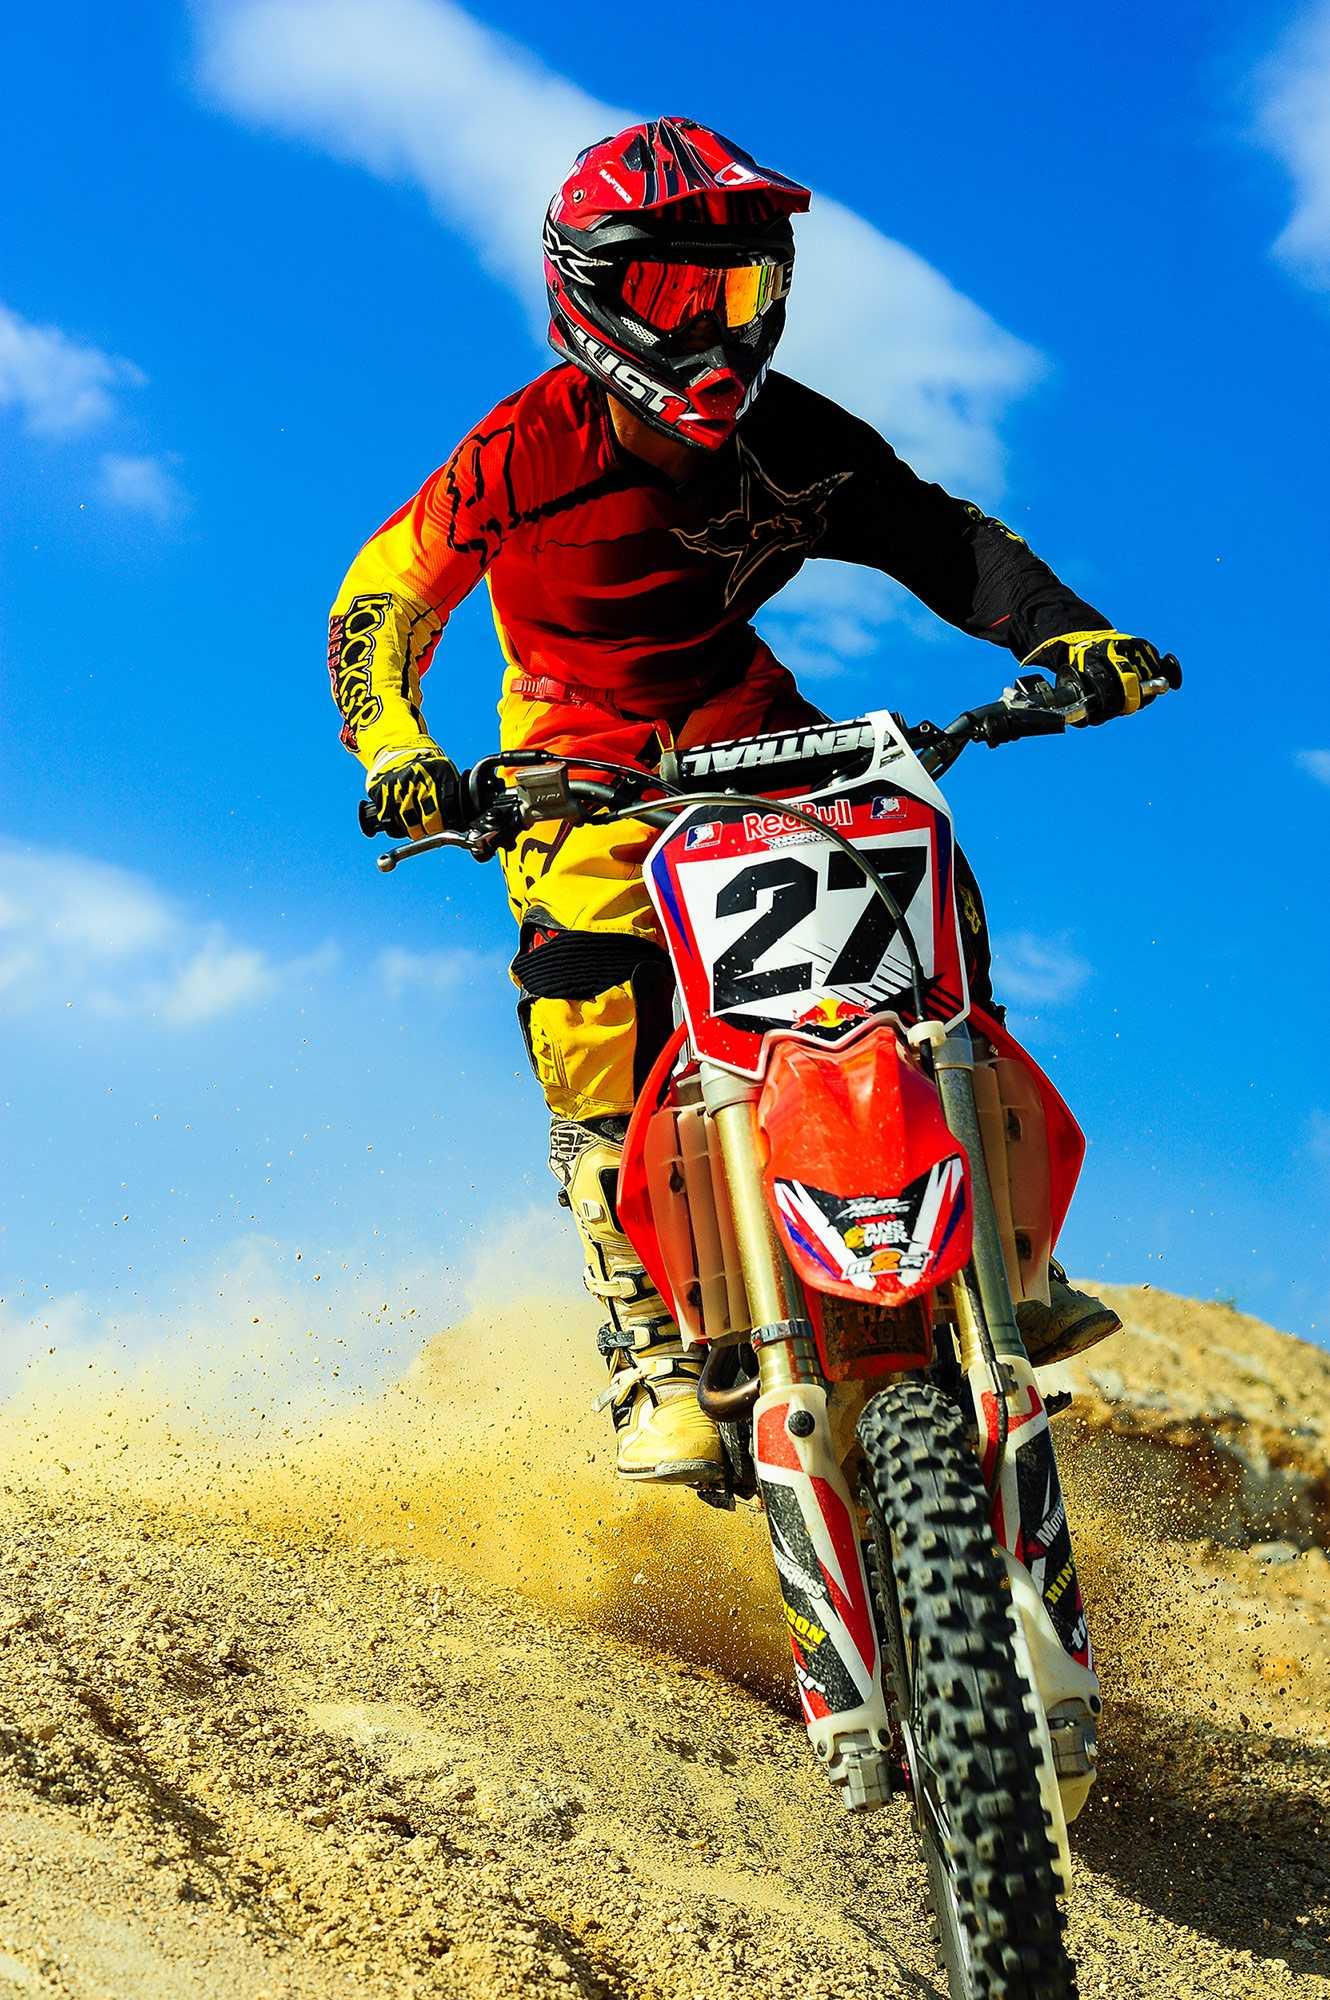 red bike Motocross Wallpaper